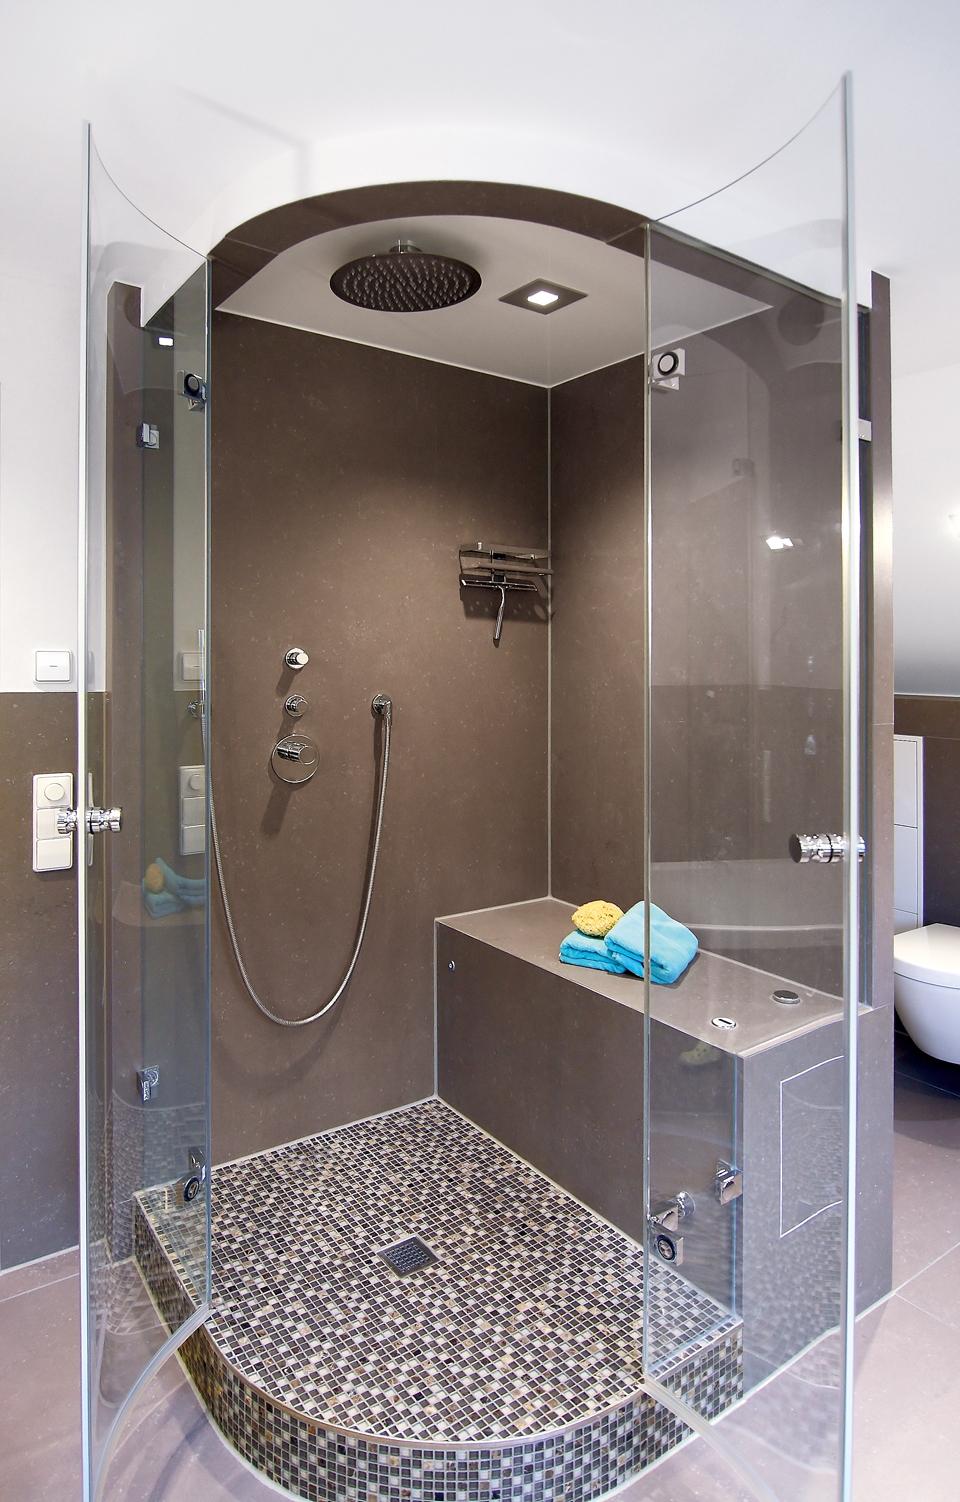 Individuelle Gestaltung: Die Dampfdusche von baYou wurde ganz nach den Wünschen des Kunden mit Mosaikfliesen und einem platzsparenden Übereck-Einstieg gestaltet.